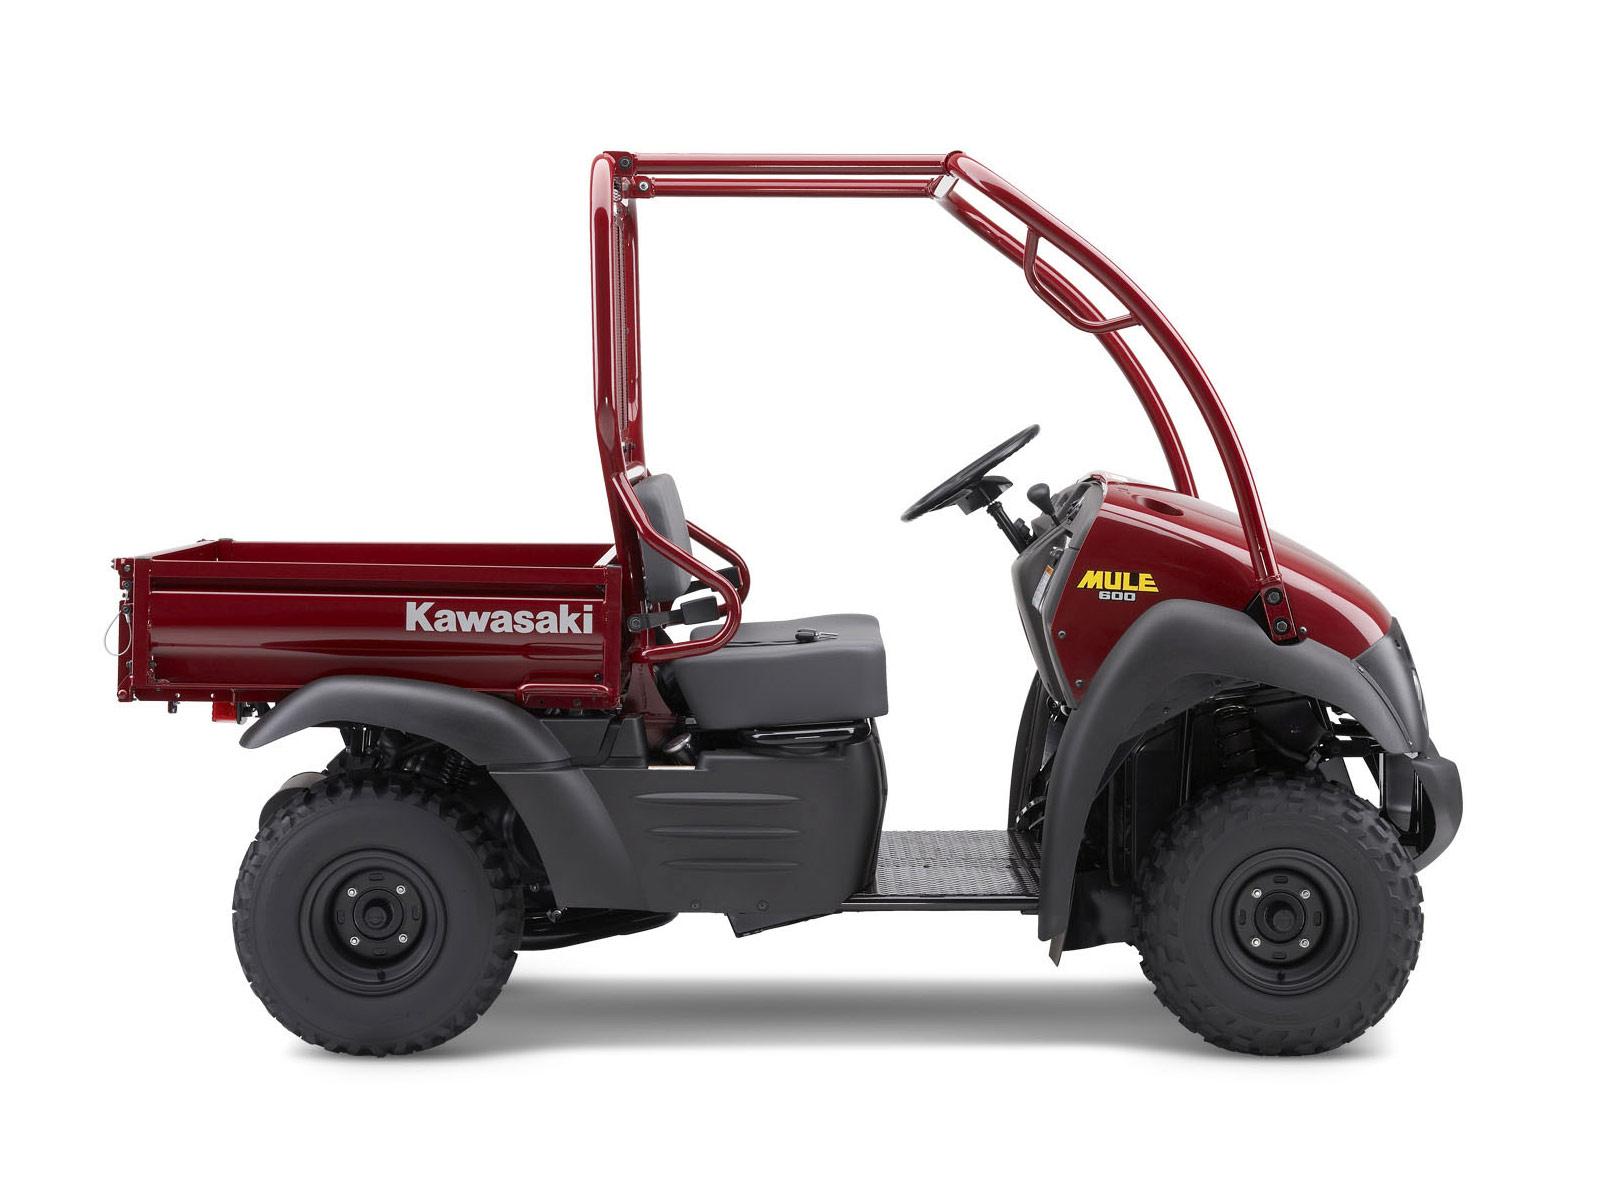 Kawasaki Mule Wheel Size